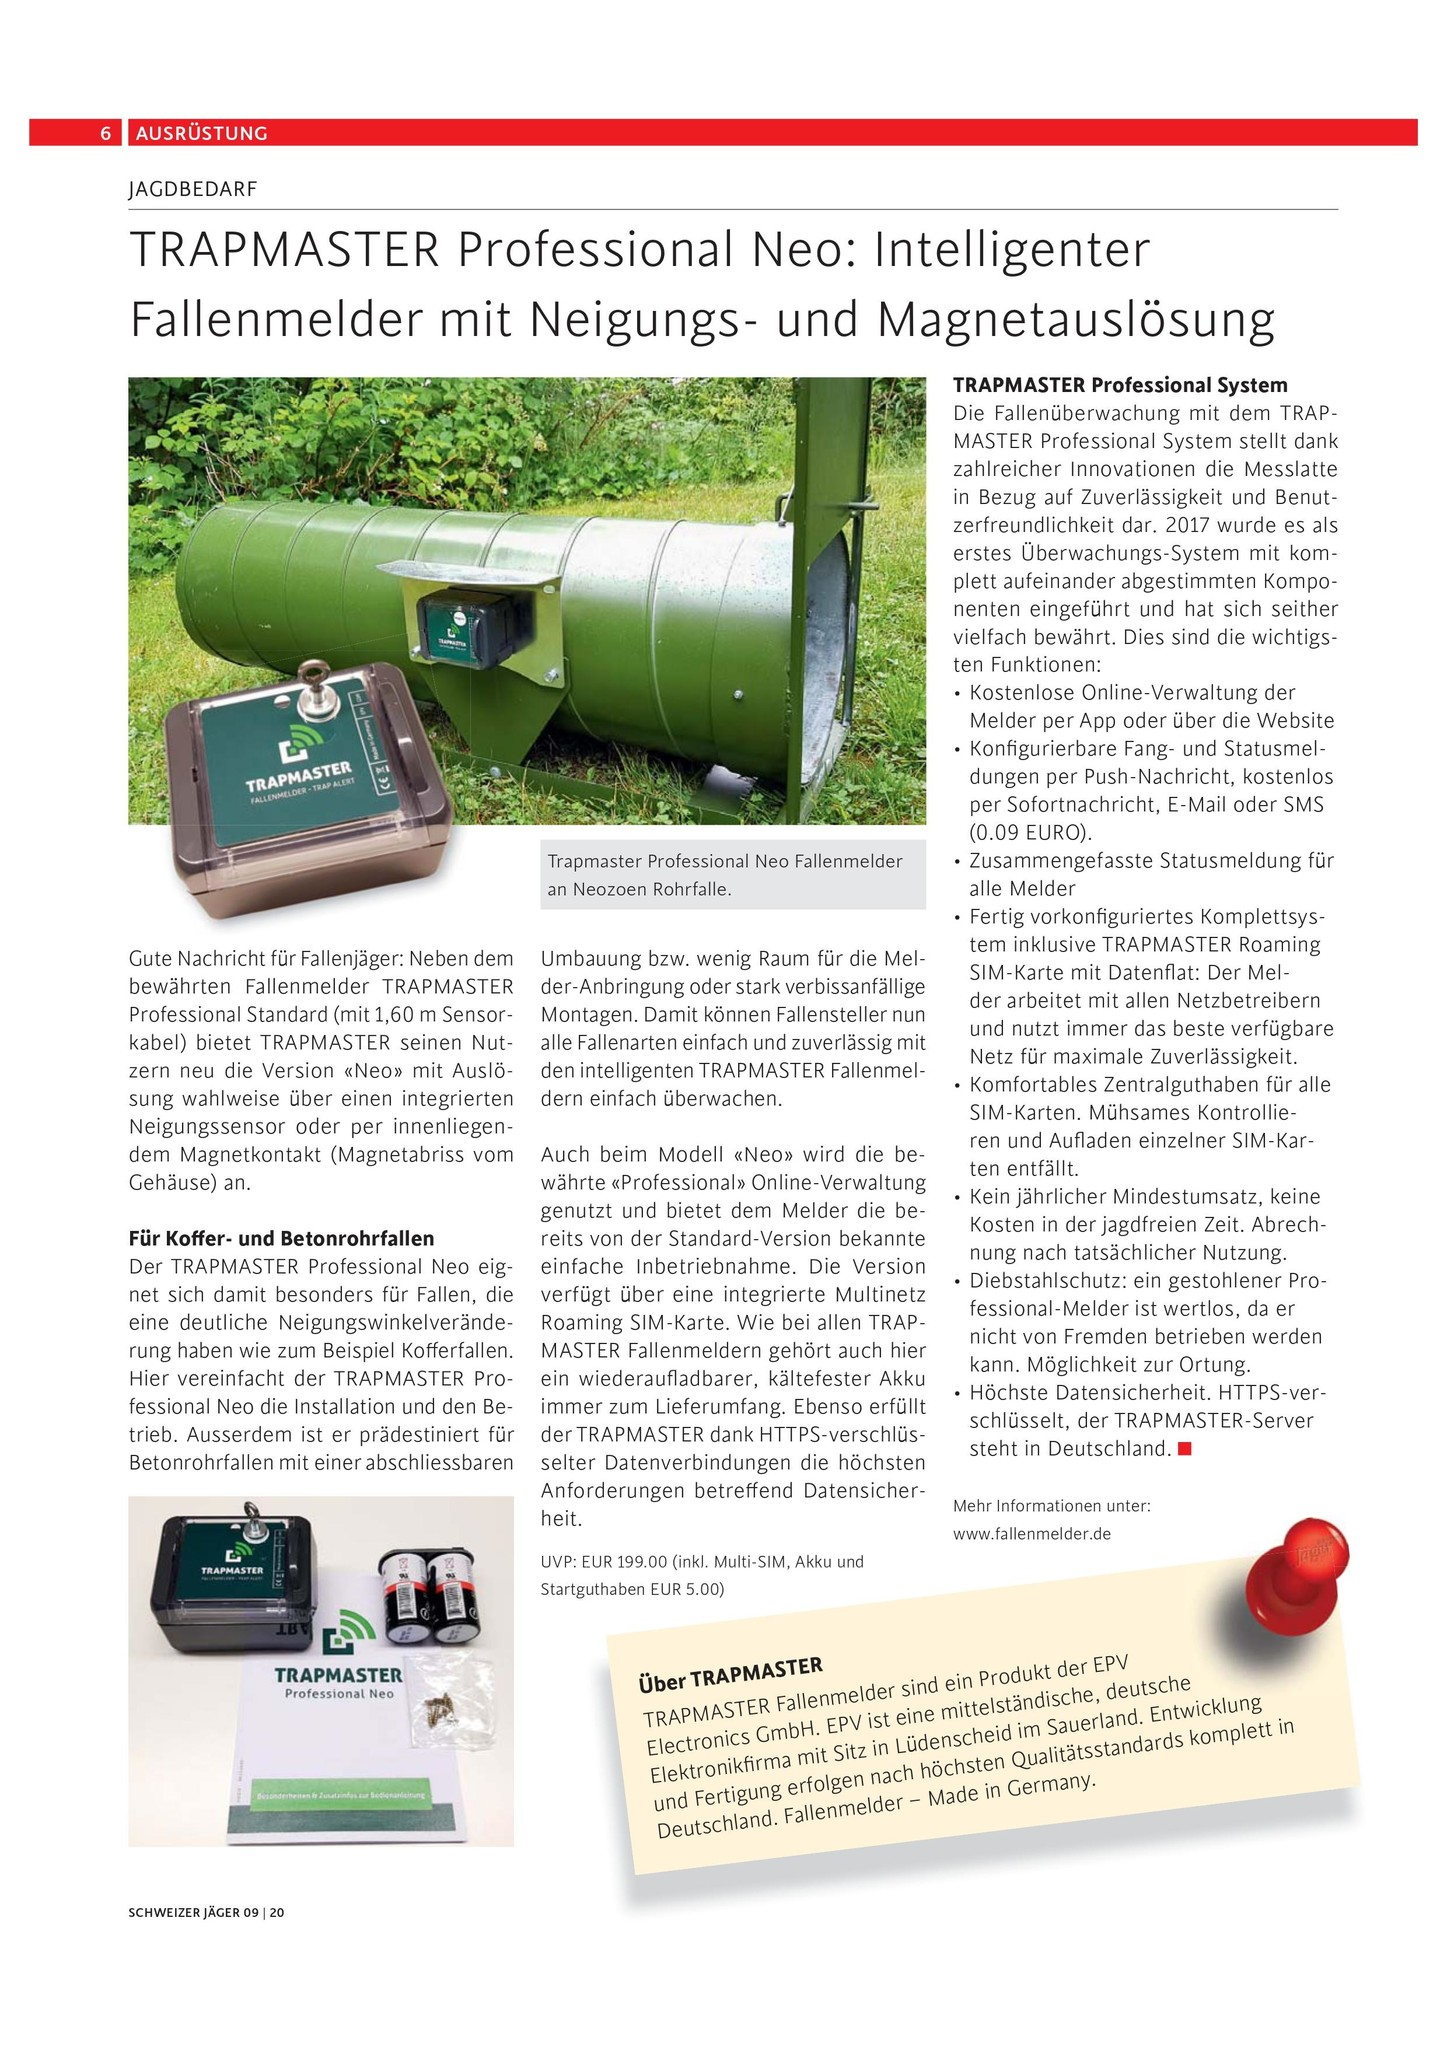 TRAPMASTER Professional Neo im Schweizer Jäger